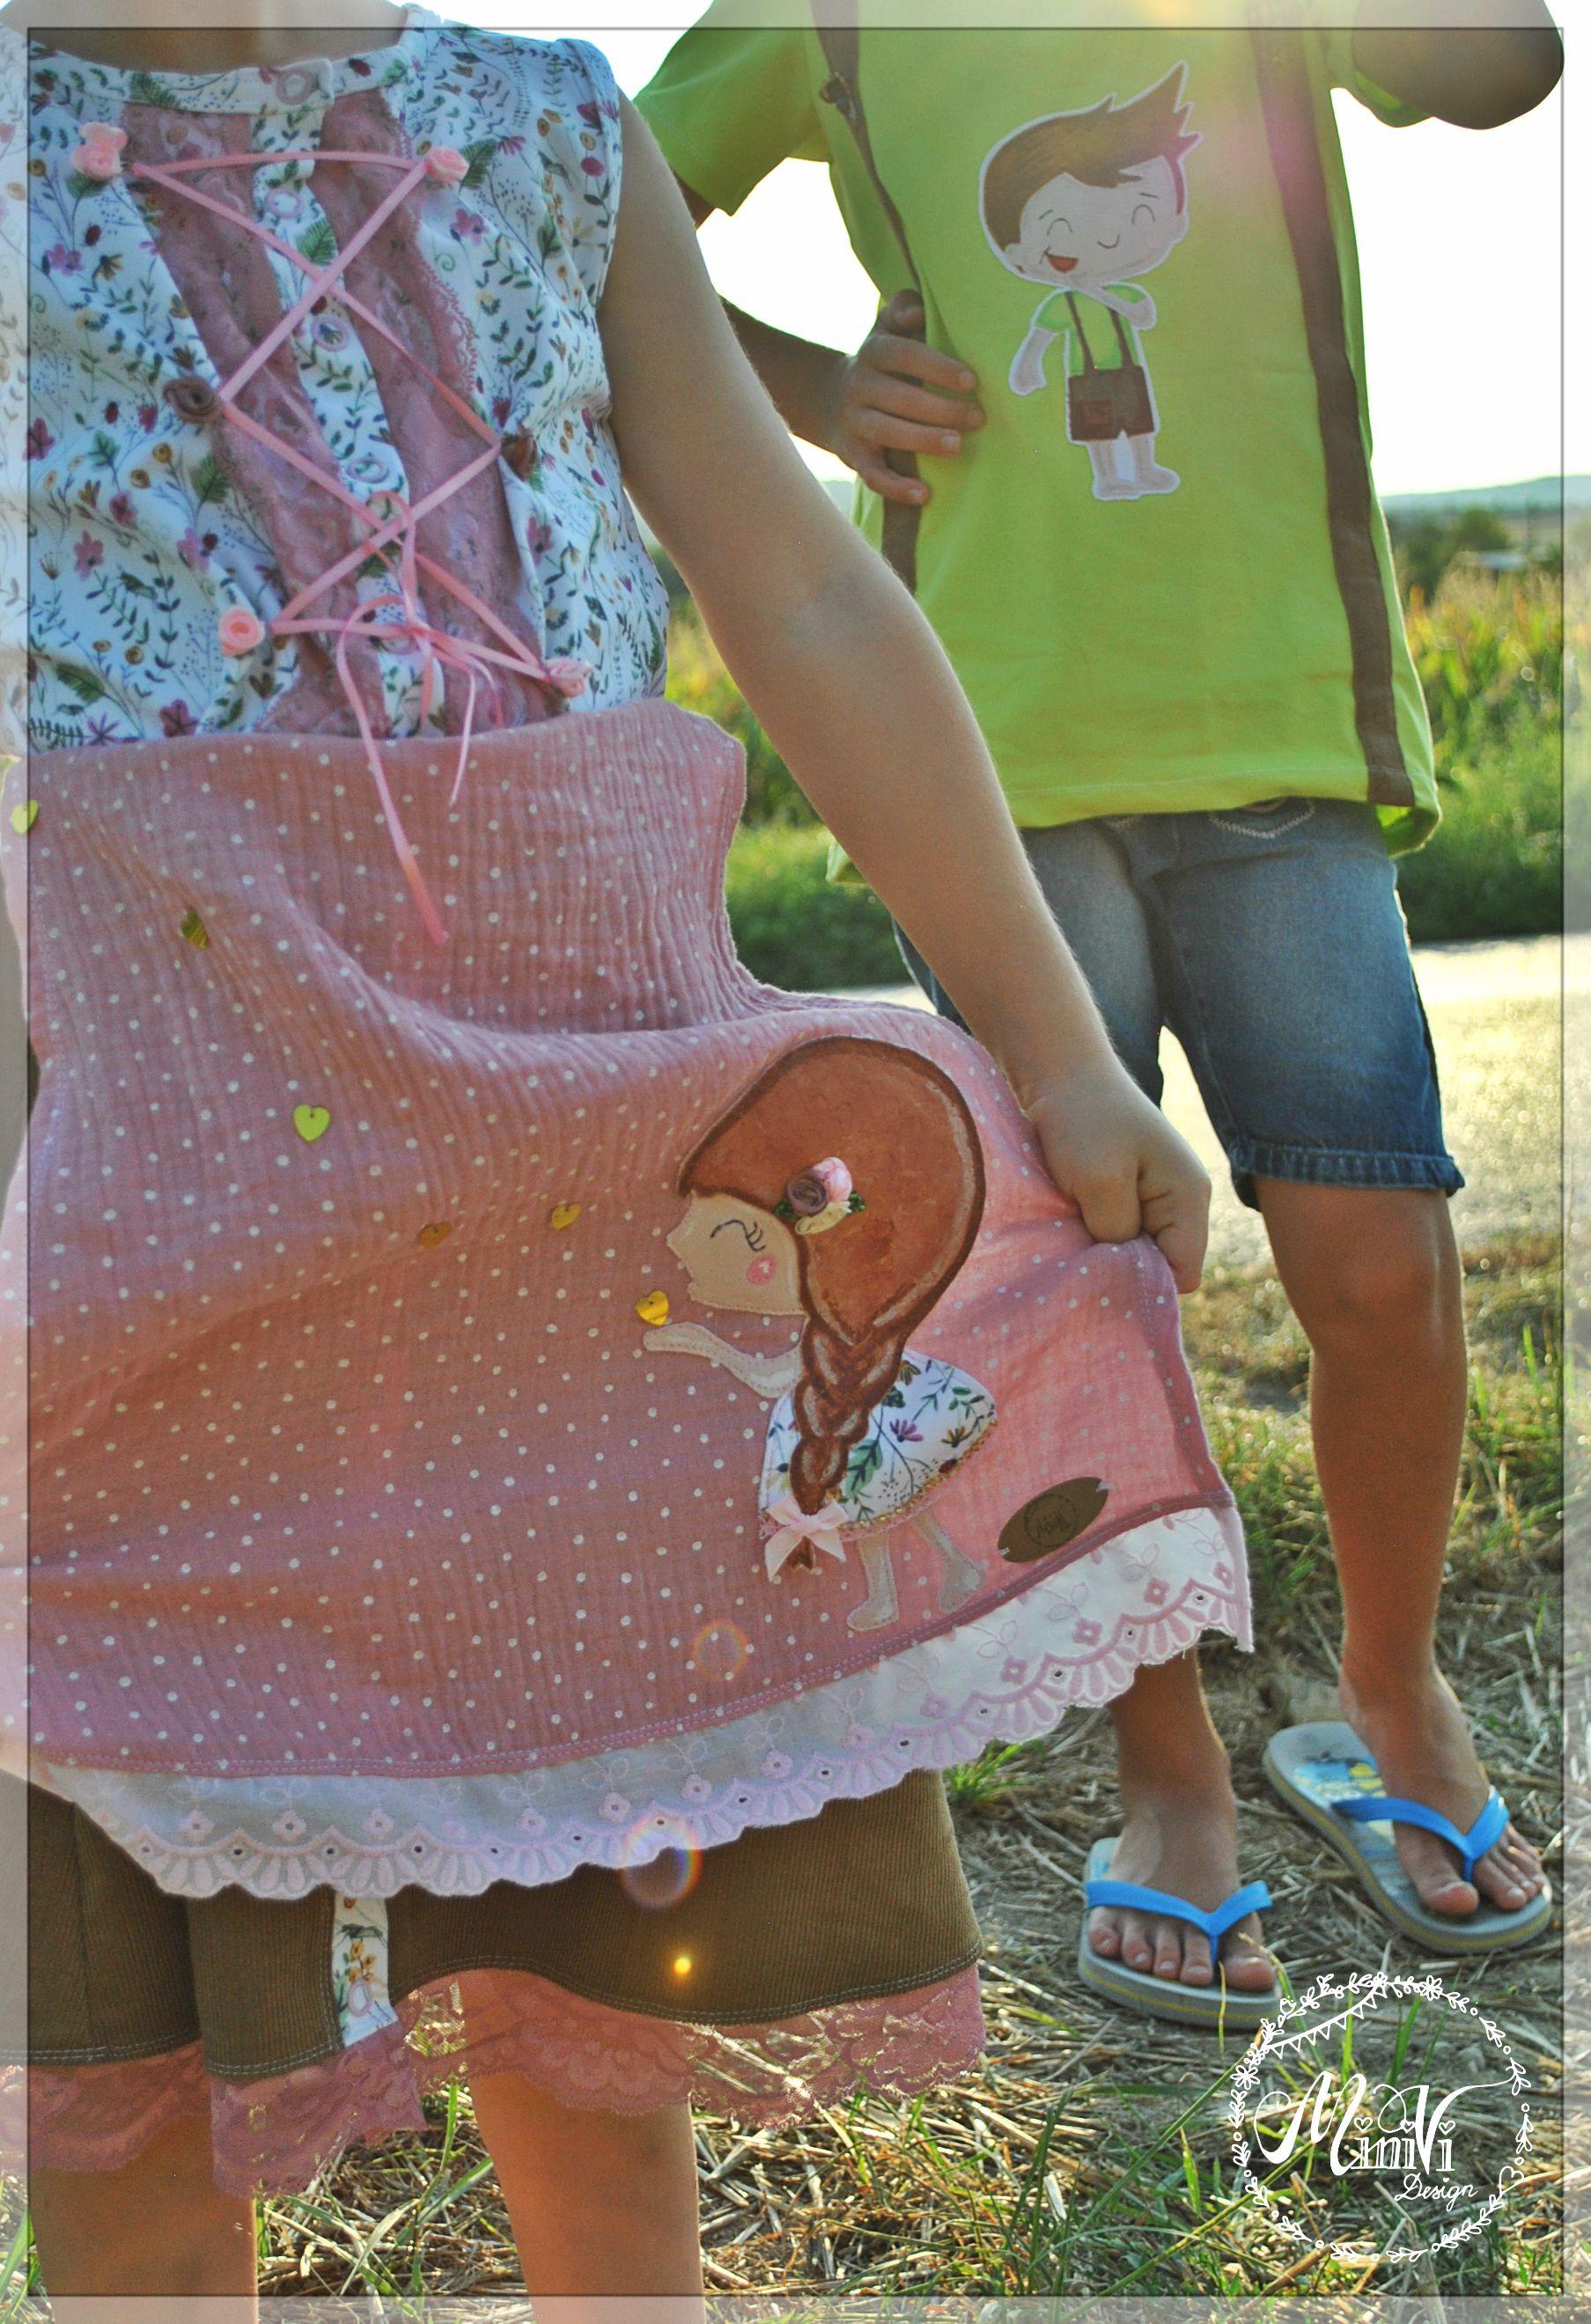 f91571c06b4 Ein zum Dirndl abgewandeltes Trägerkleid von Klimperklein und eine Mieze  (Rosarosa) im Trachtenstyle mit